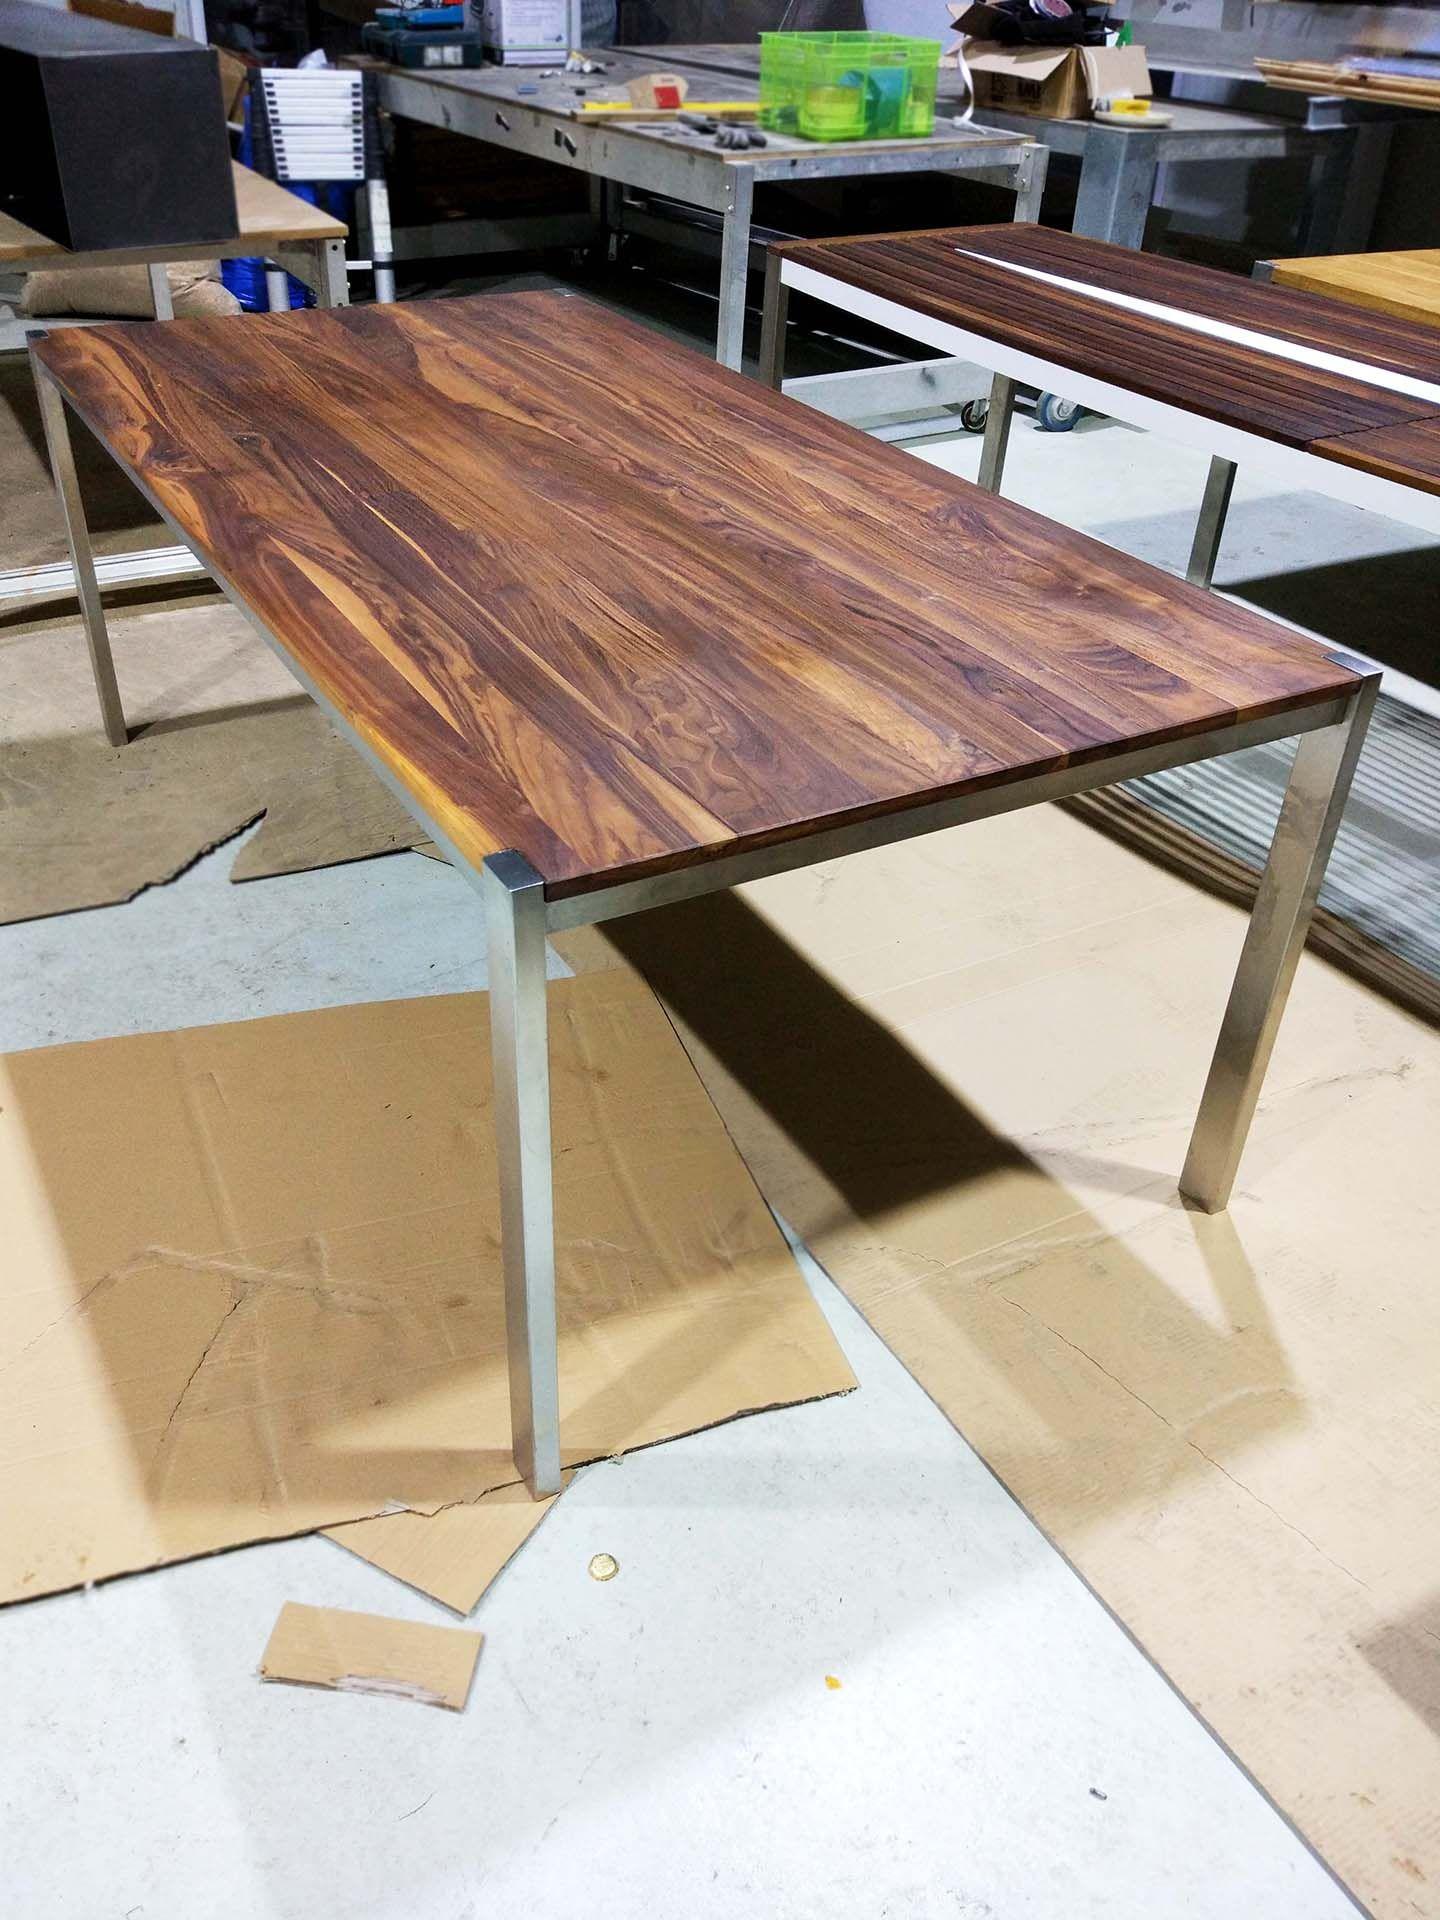 Tisch Ferrum 002 Holz Metall Nussbaum Esstisch Gartentisch Stahlzart Mobel Esstisch Holz Metall Esstisch Holz Tische Holz